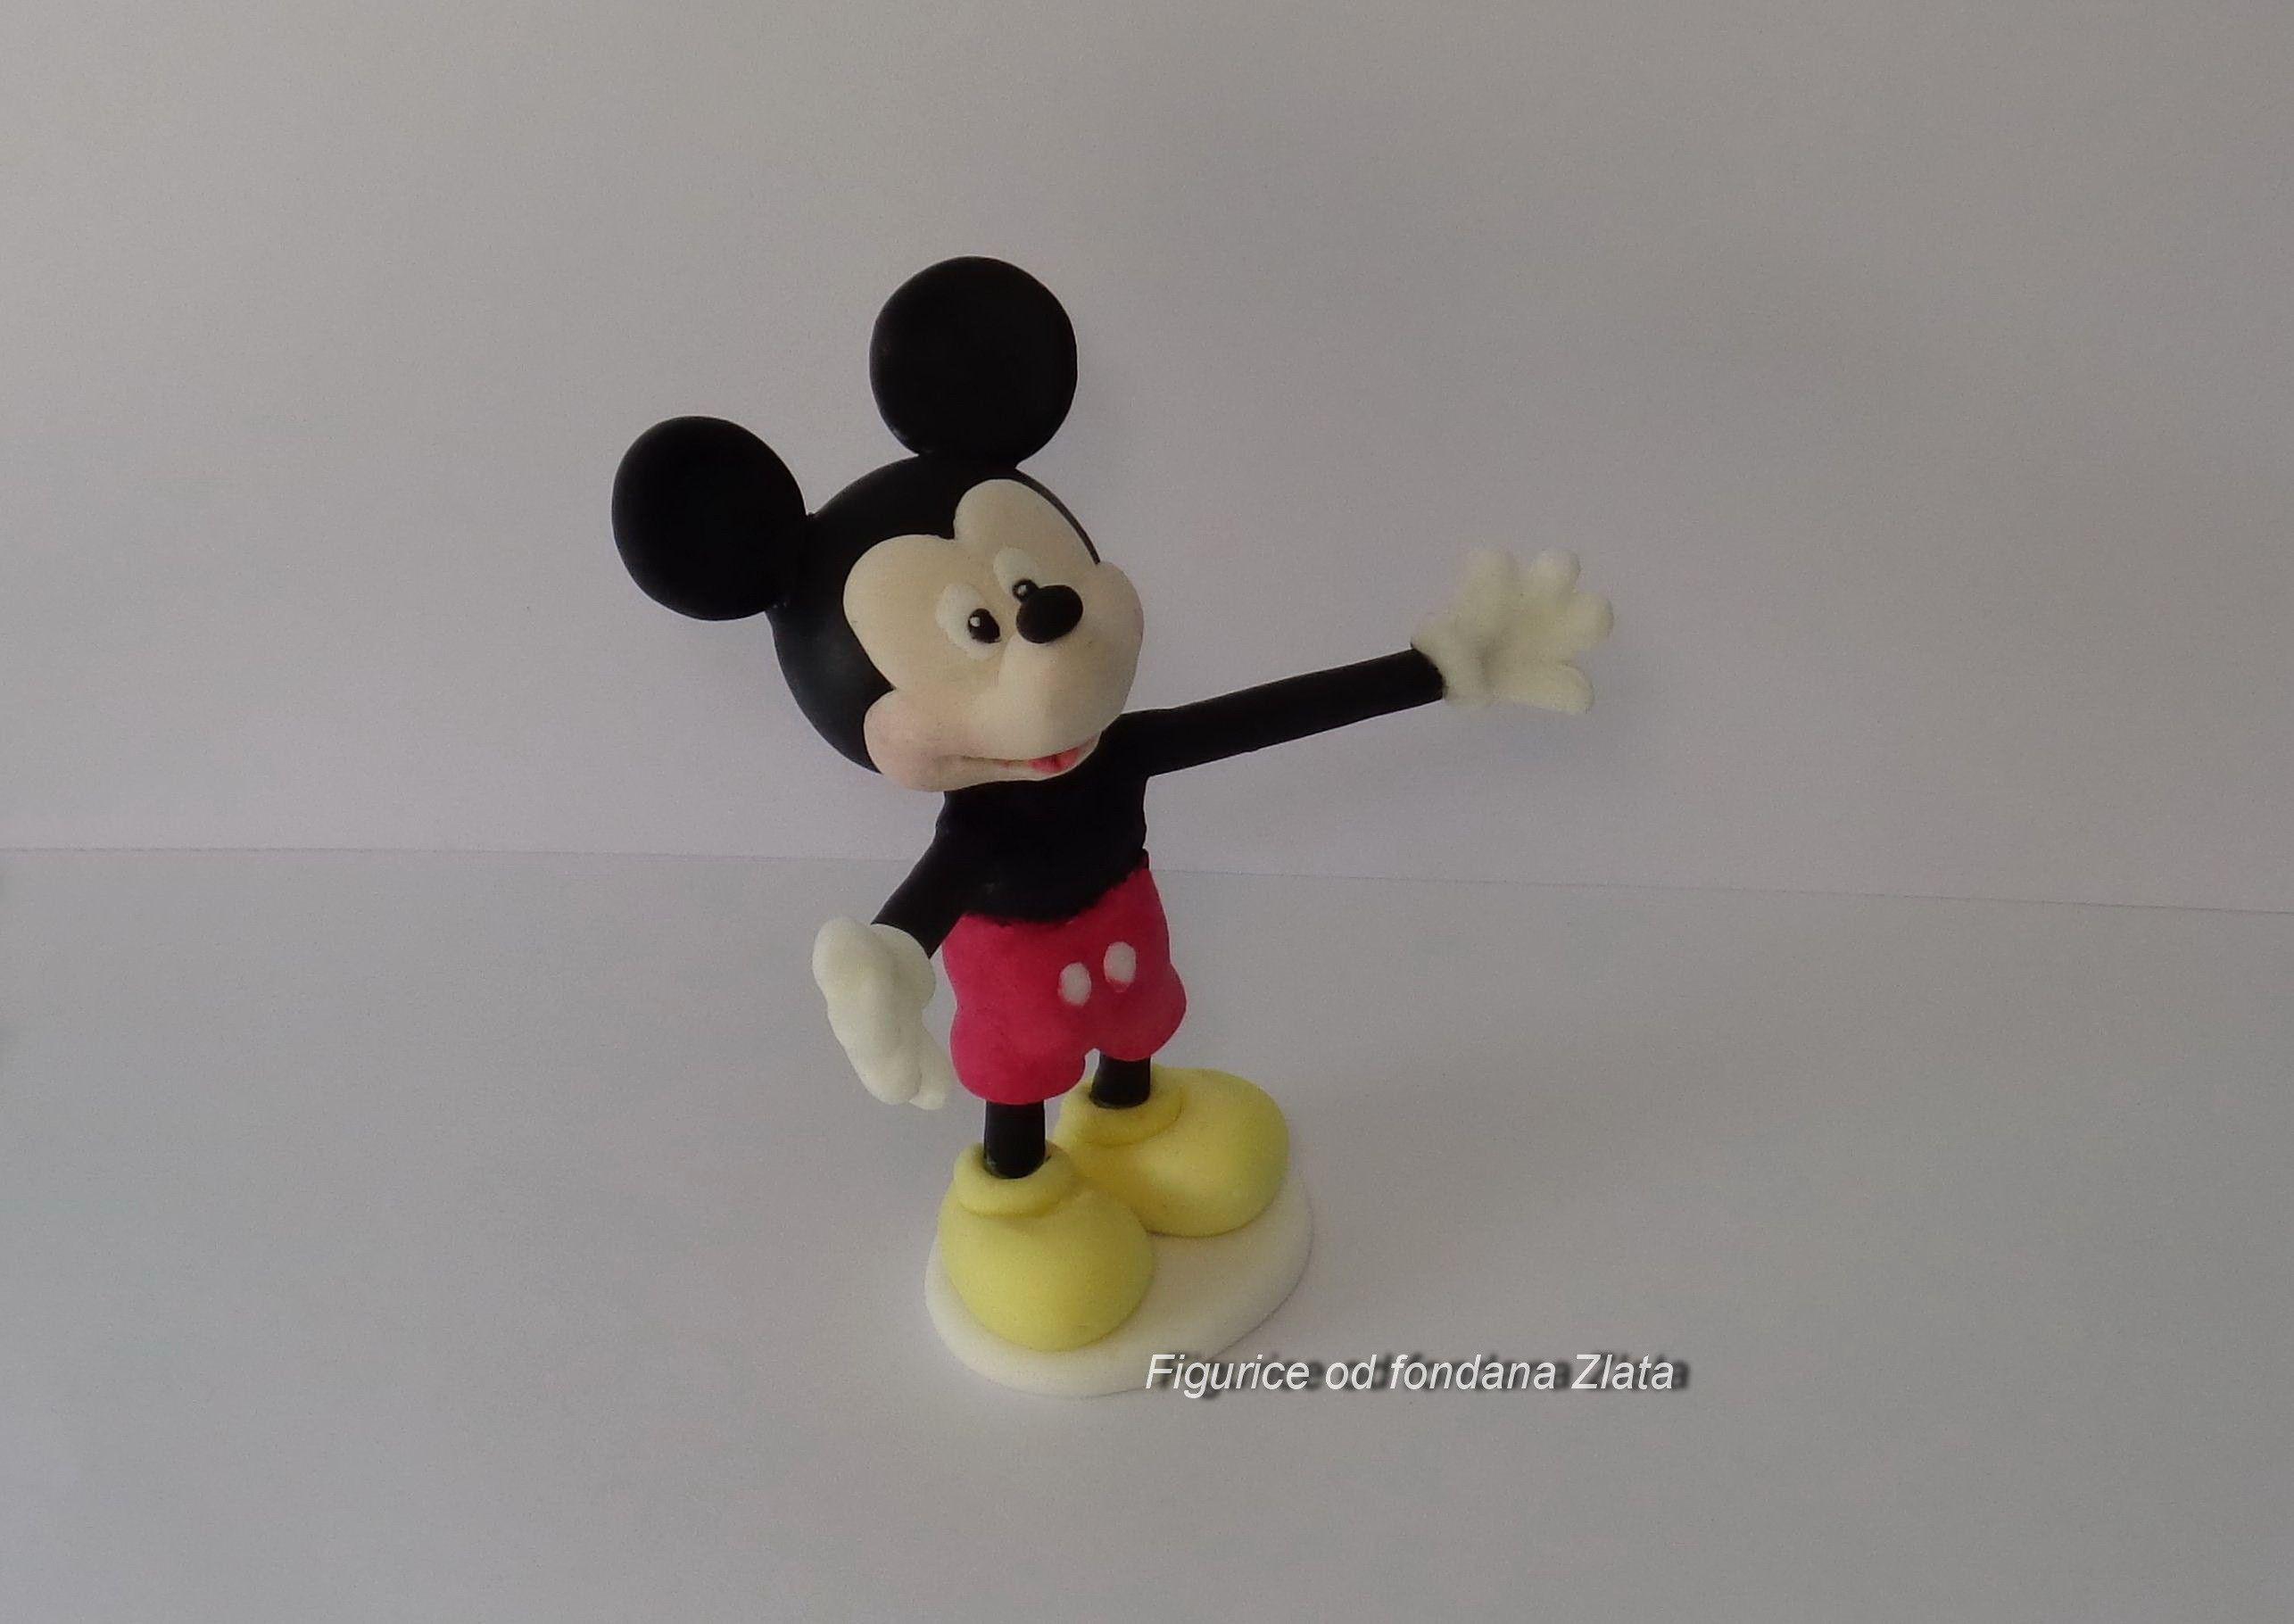 Minnie Mouse Malvorlage Das Beste Von Minnie Mouse Malvorlagen Best 35 Minnie Mouse Baby Ausmalbilder Fotografieren